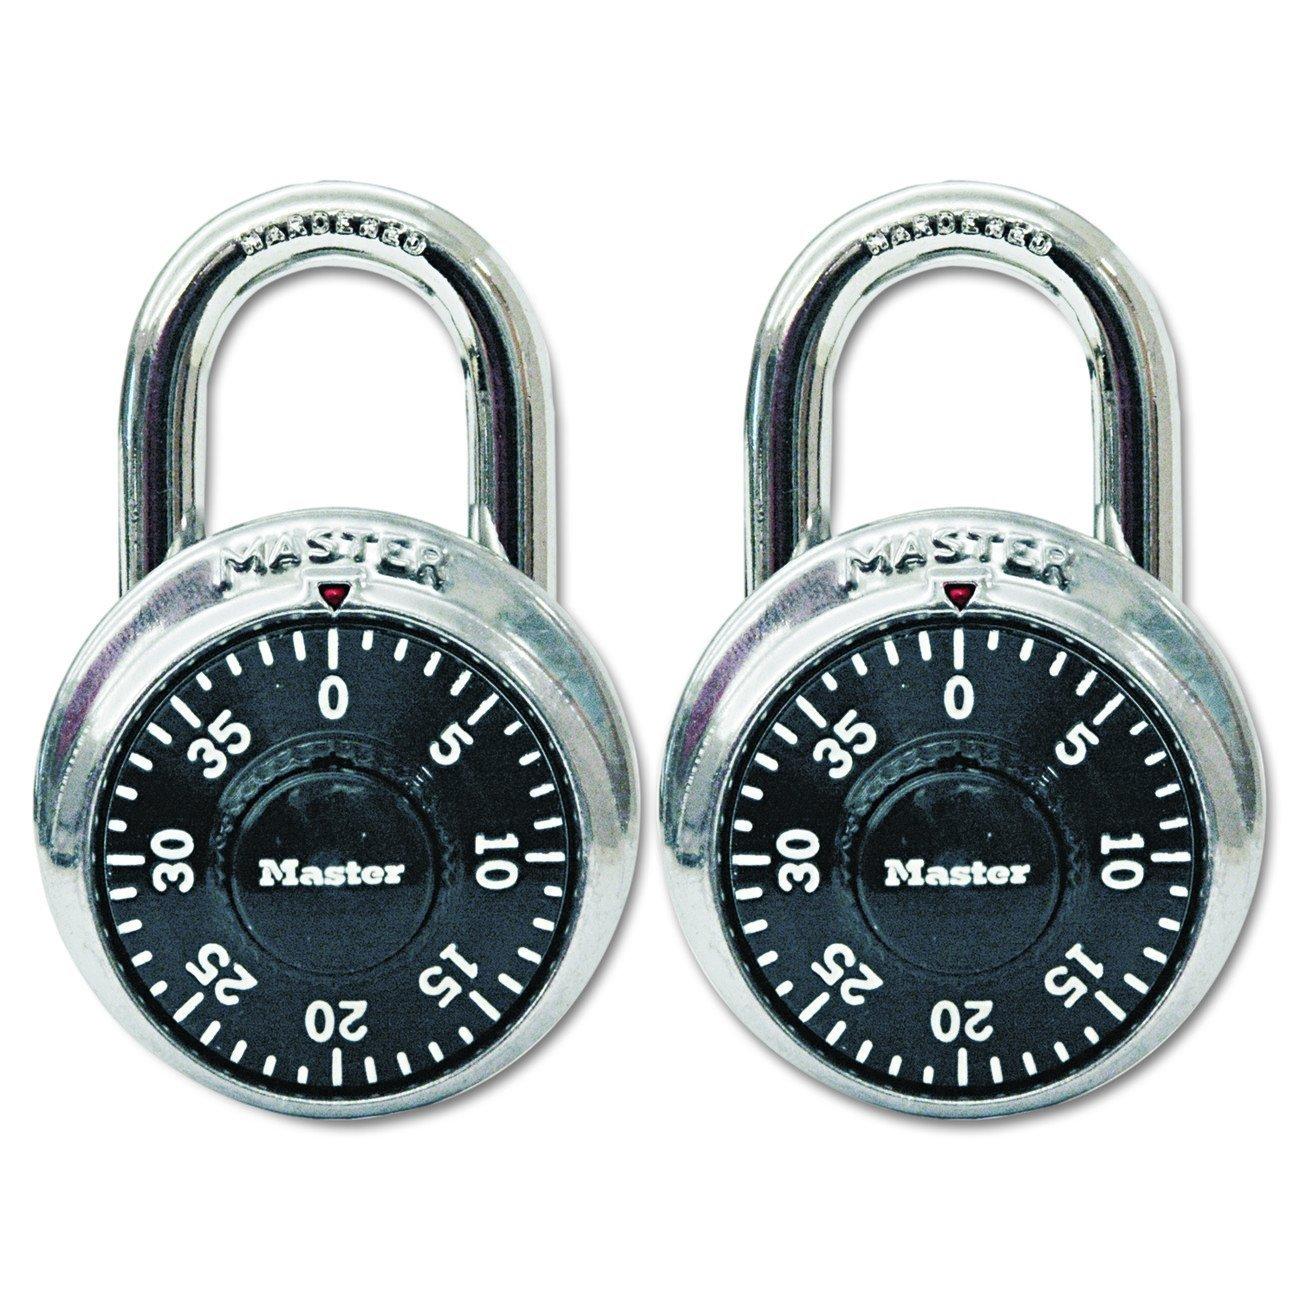 Master Lock 1500T Combination-Alike Locks, 4-Pack